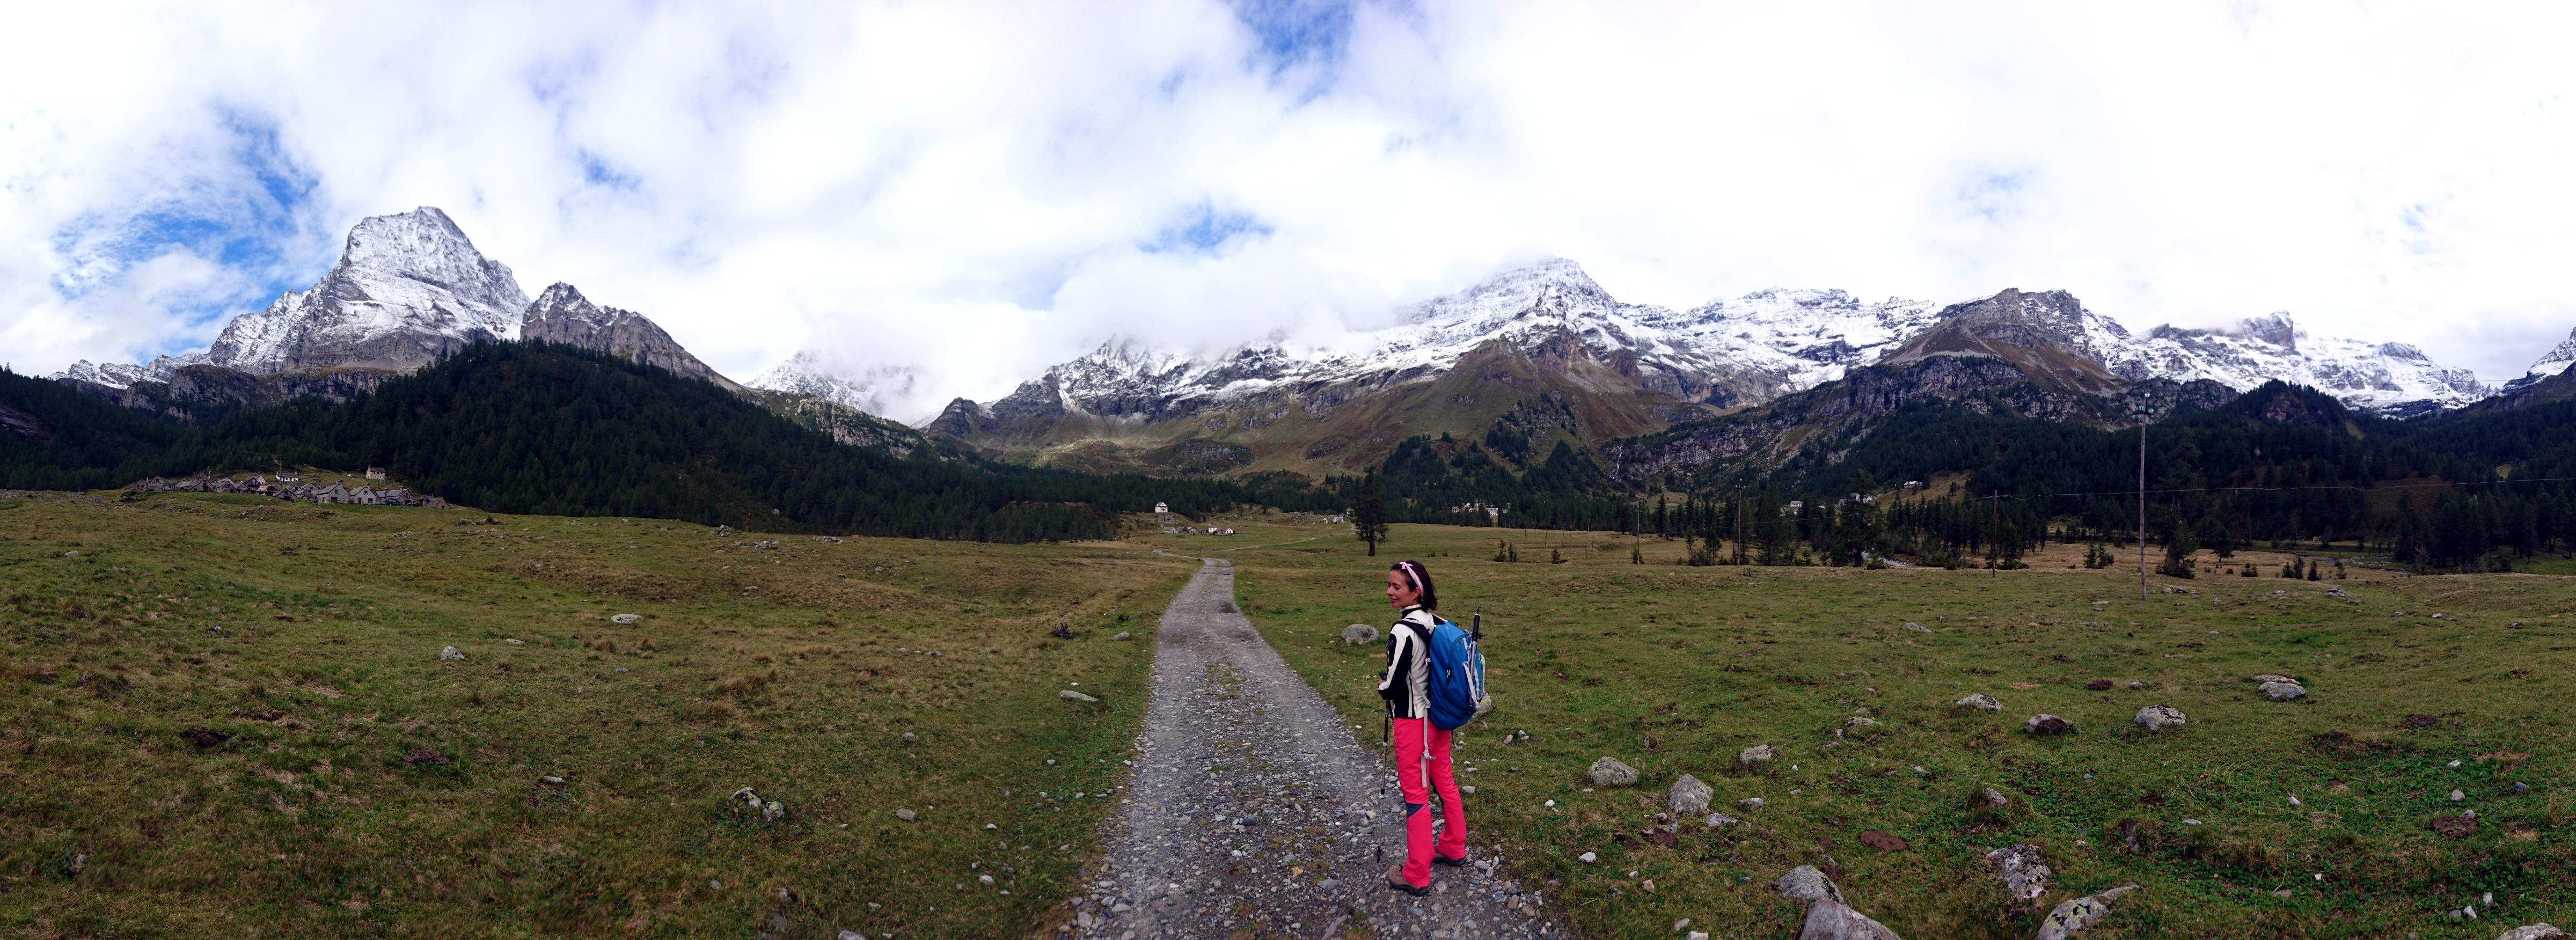 pascoli e boschi a perdita d'occhio e gli agglomerati rurali dell'Alpe Veglia, non molto frequentata d'estate e praticamente deserta d'inverno, se non per qualche raro scialpinista